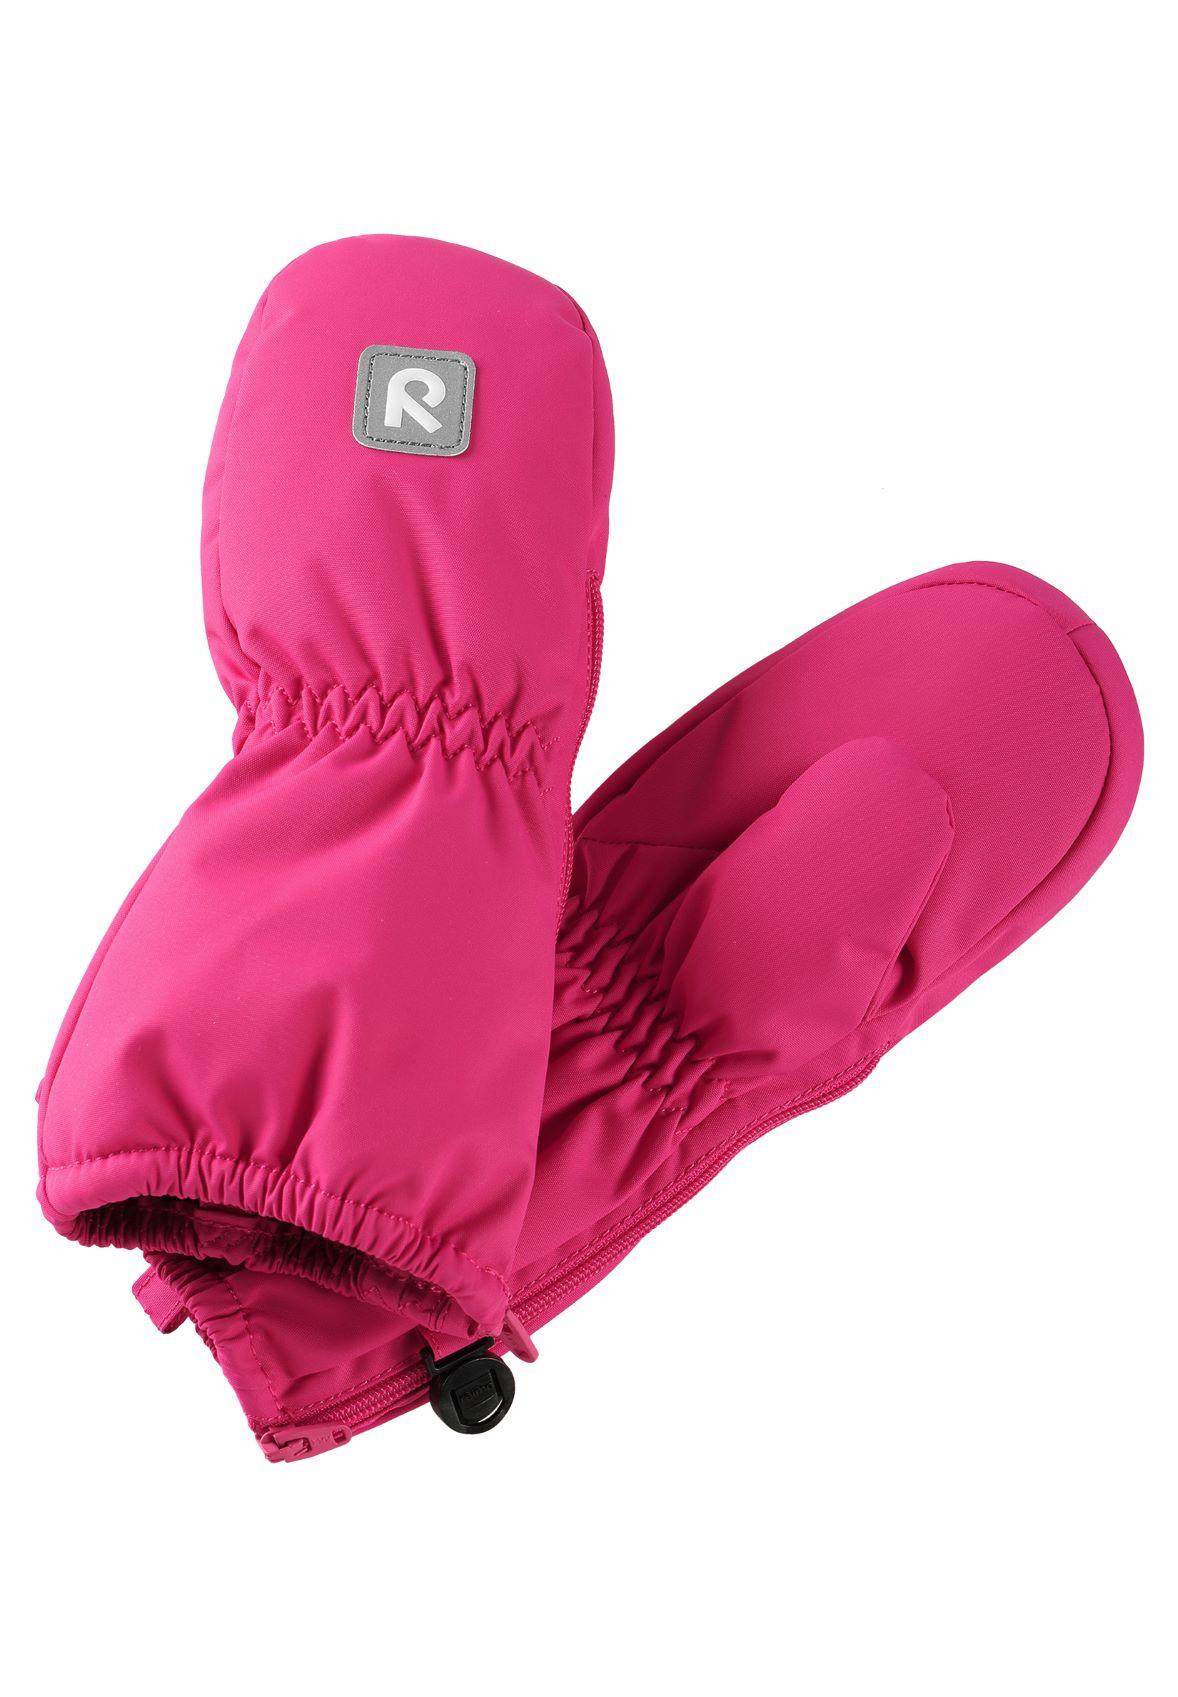 Reima Tassu vodeodolne zimne rukavice pre dievca